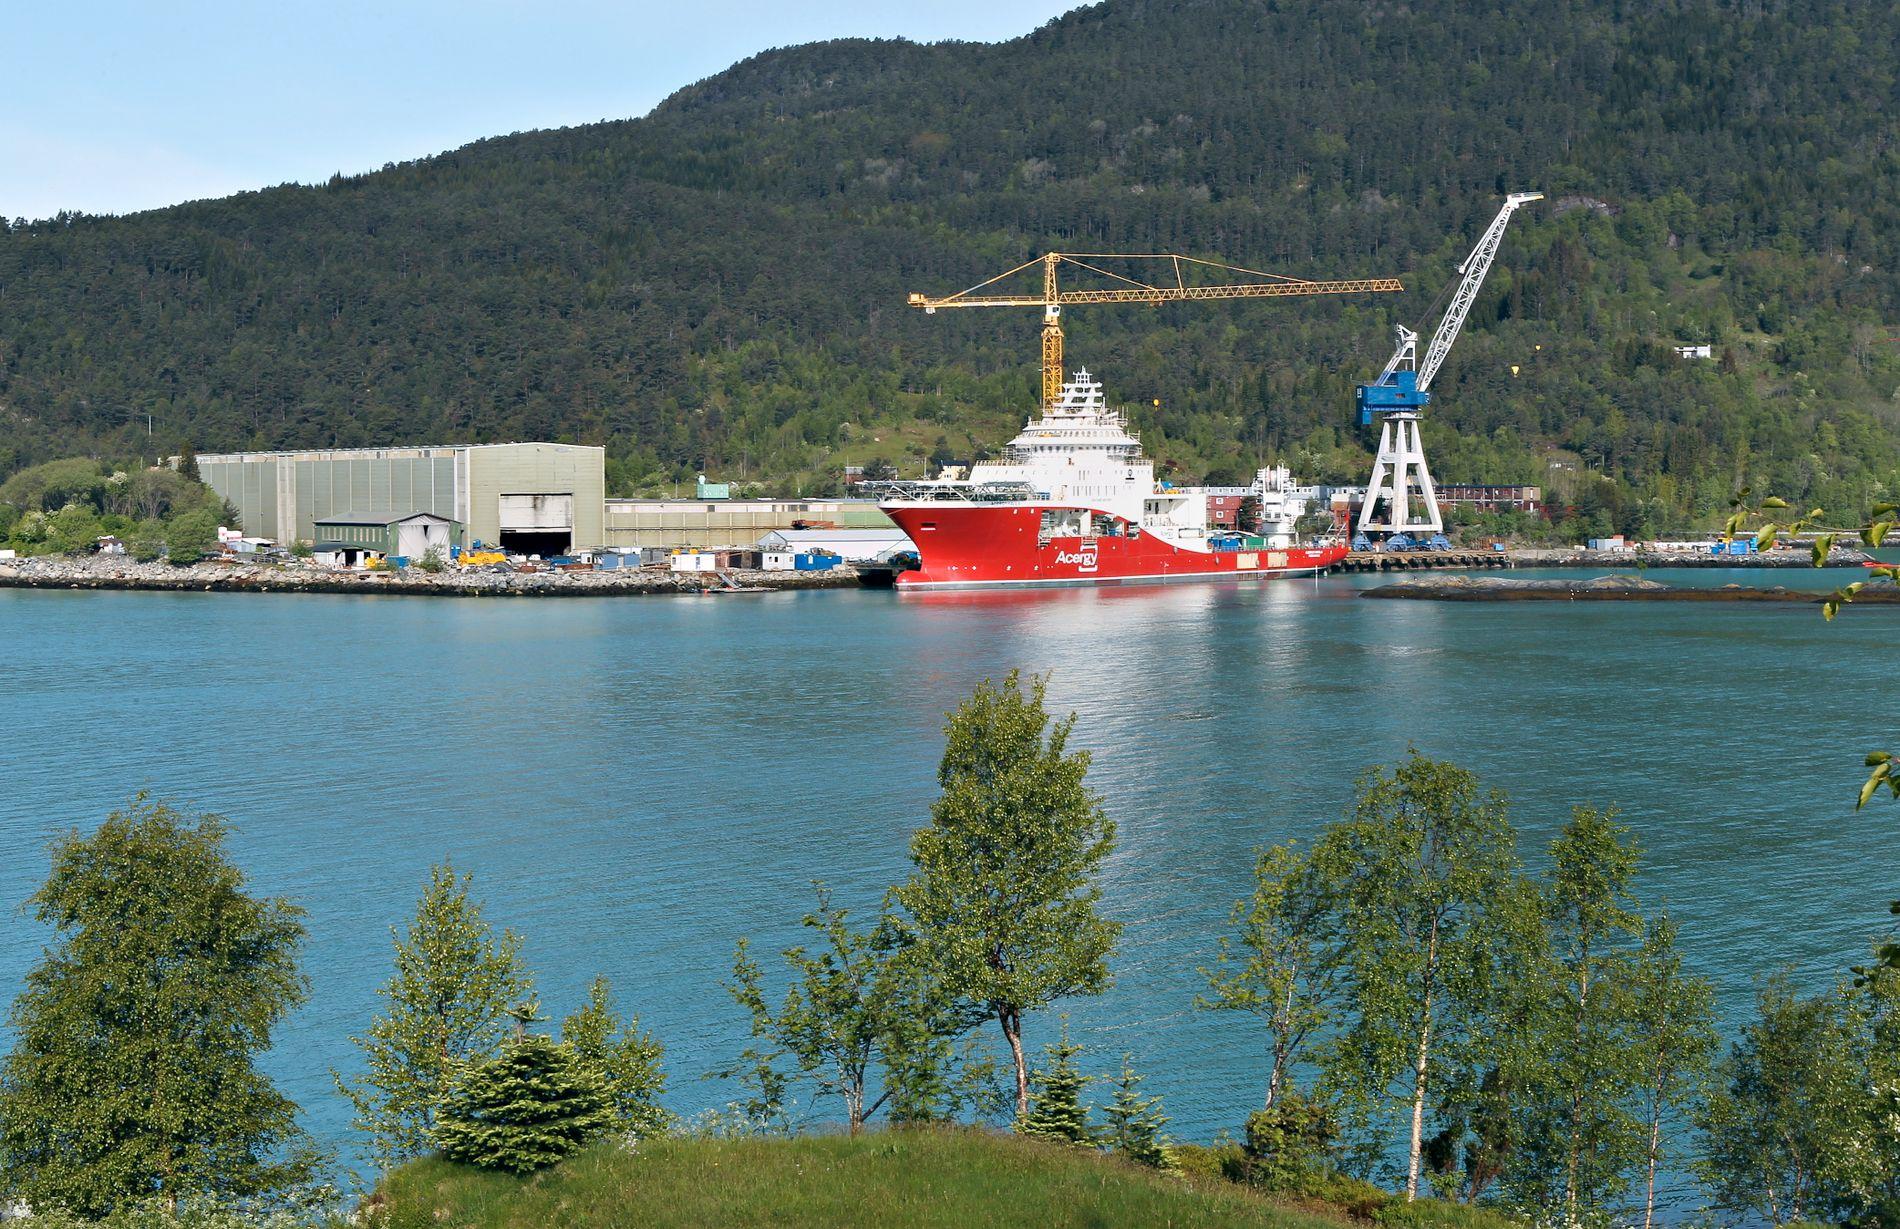 REISEPENGAR: Verftet Havyard Ship Technology i Leirvik i Sunnfjord var eit av åtte verft som gjekk til sak mot staten om lønsvilkår for utanlandske gjestearbeidarar i 2013. No har dei fått delvis medhald, noko som har kasta bensin på Nei-til-EØS bålet i LO, skriv BT-kommentator Hans K. Mjelva.